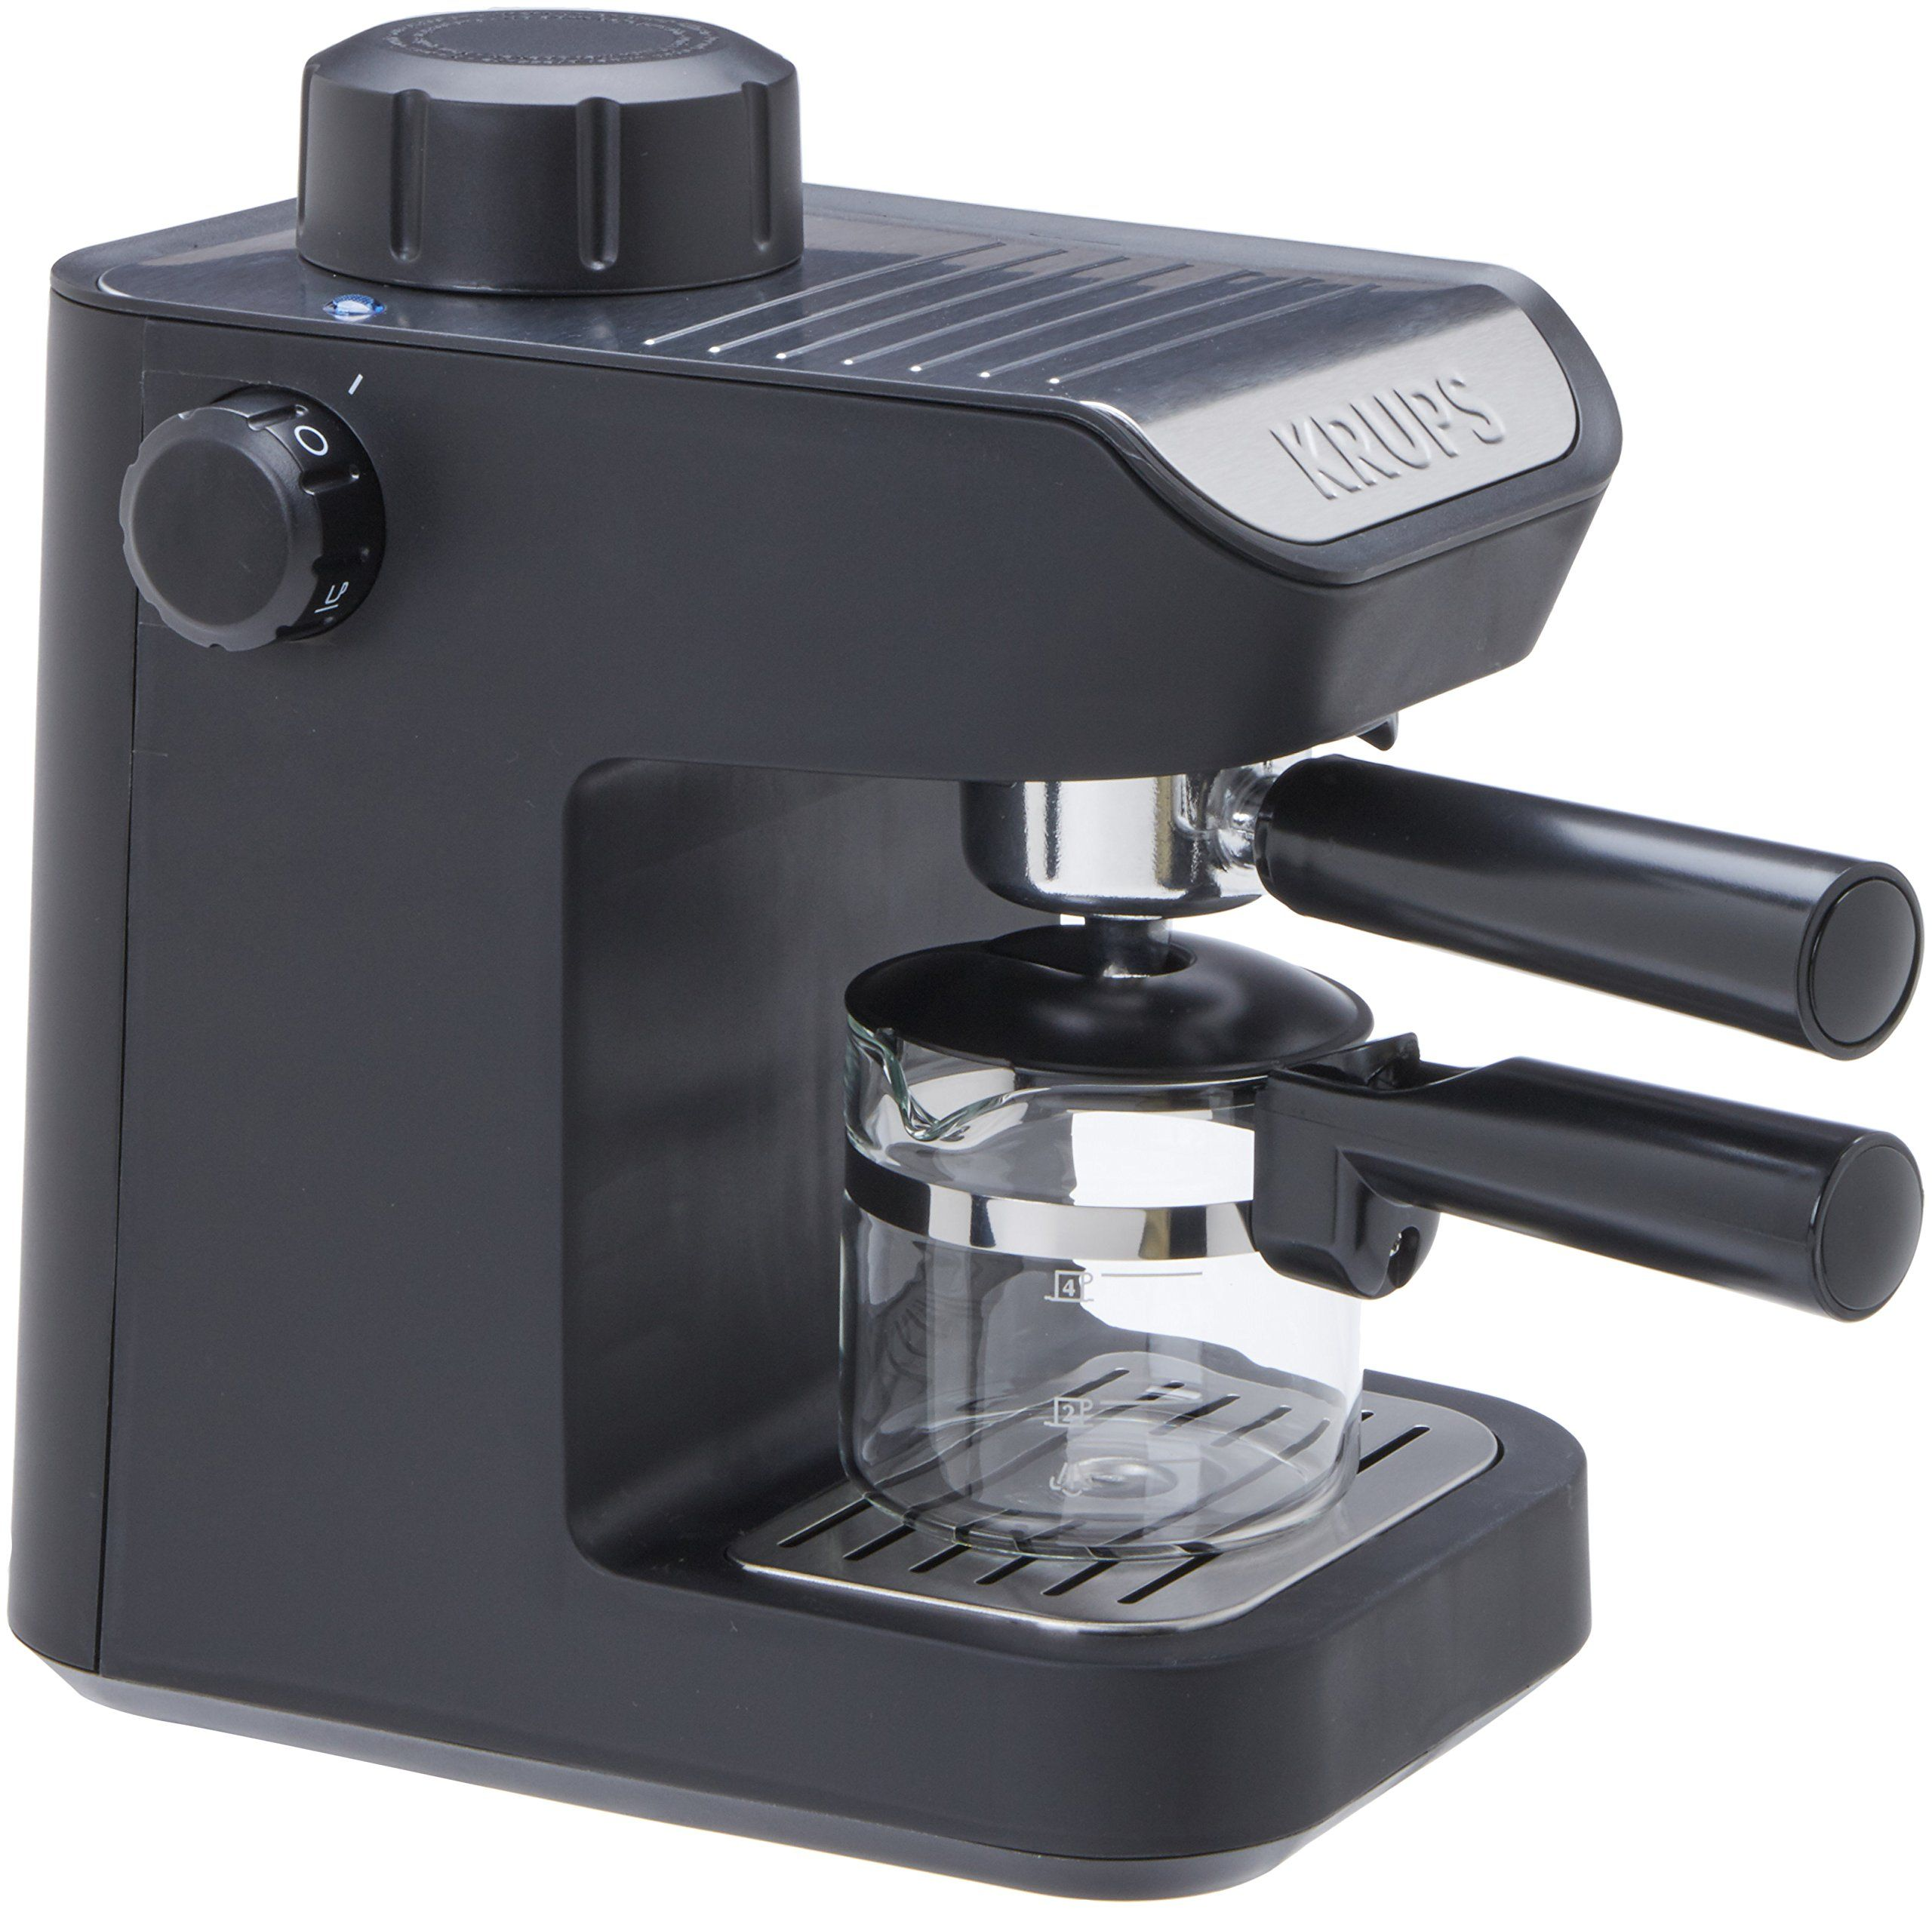 Cafetera espresso manual con molinillo in english